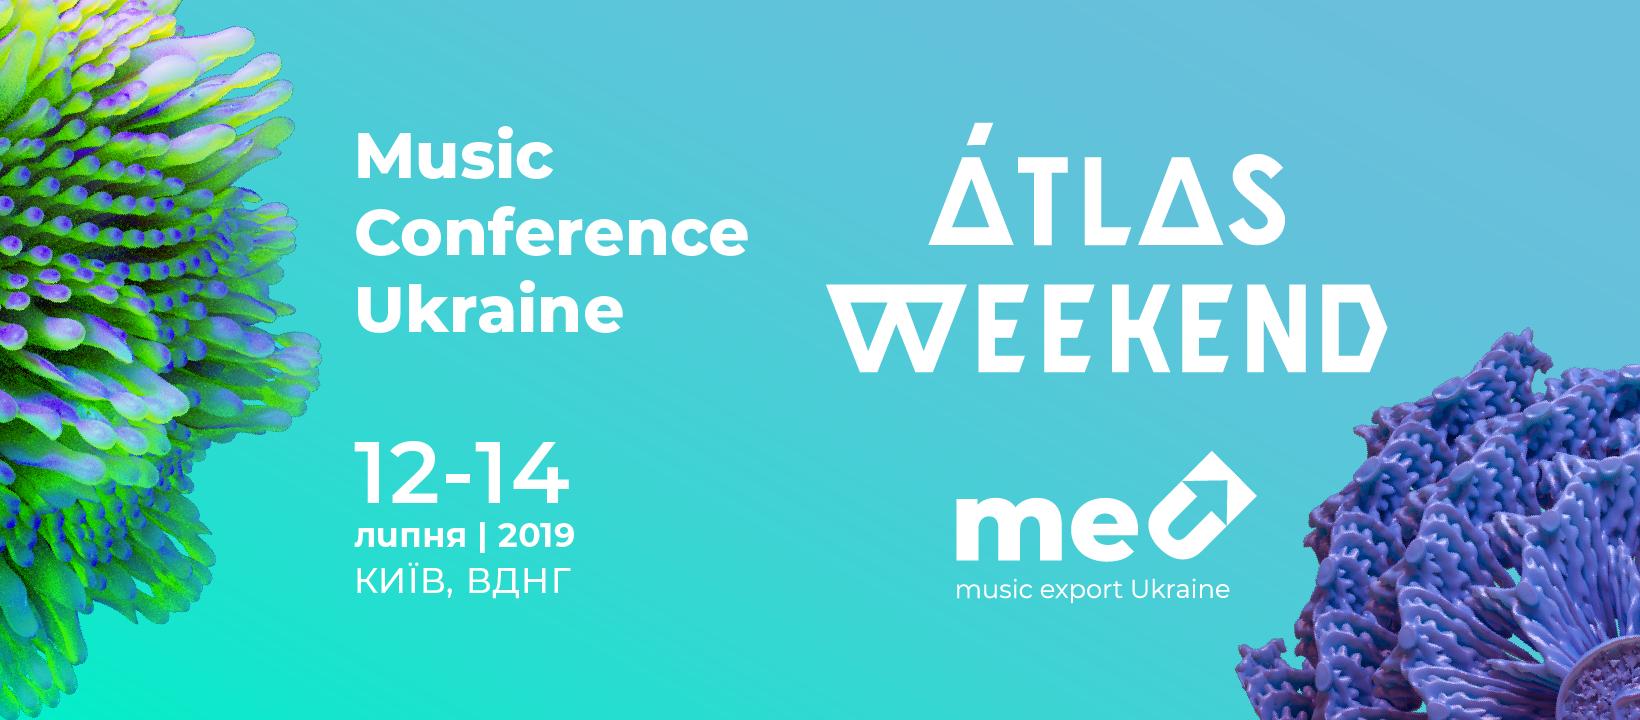 %d0%bd%d0%b0-atlas-weekend-%d0%b2%d1%96%d0%b4%d0%b1%d1%83%d0%b4%d0%b5%d1%82%d1%8c%d1%81%d1%8f-music-conference-ukraine